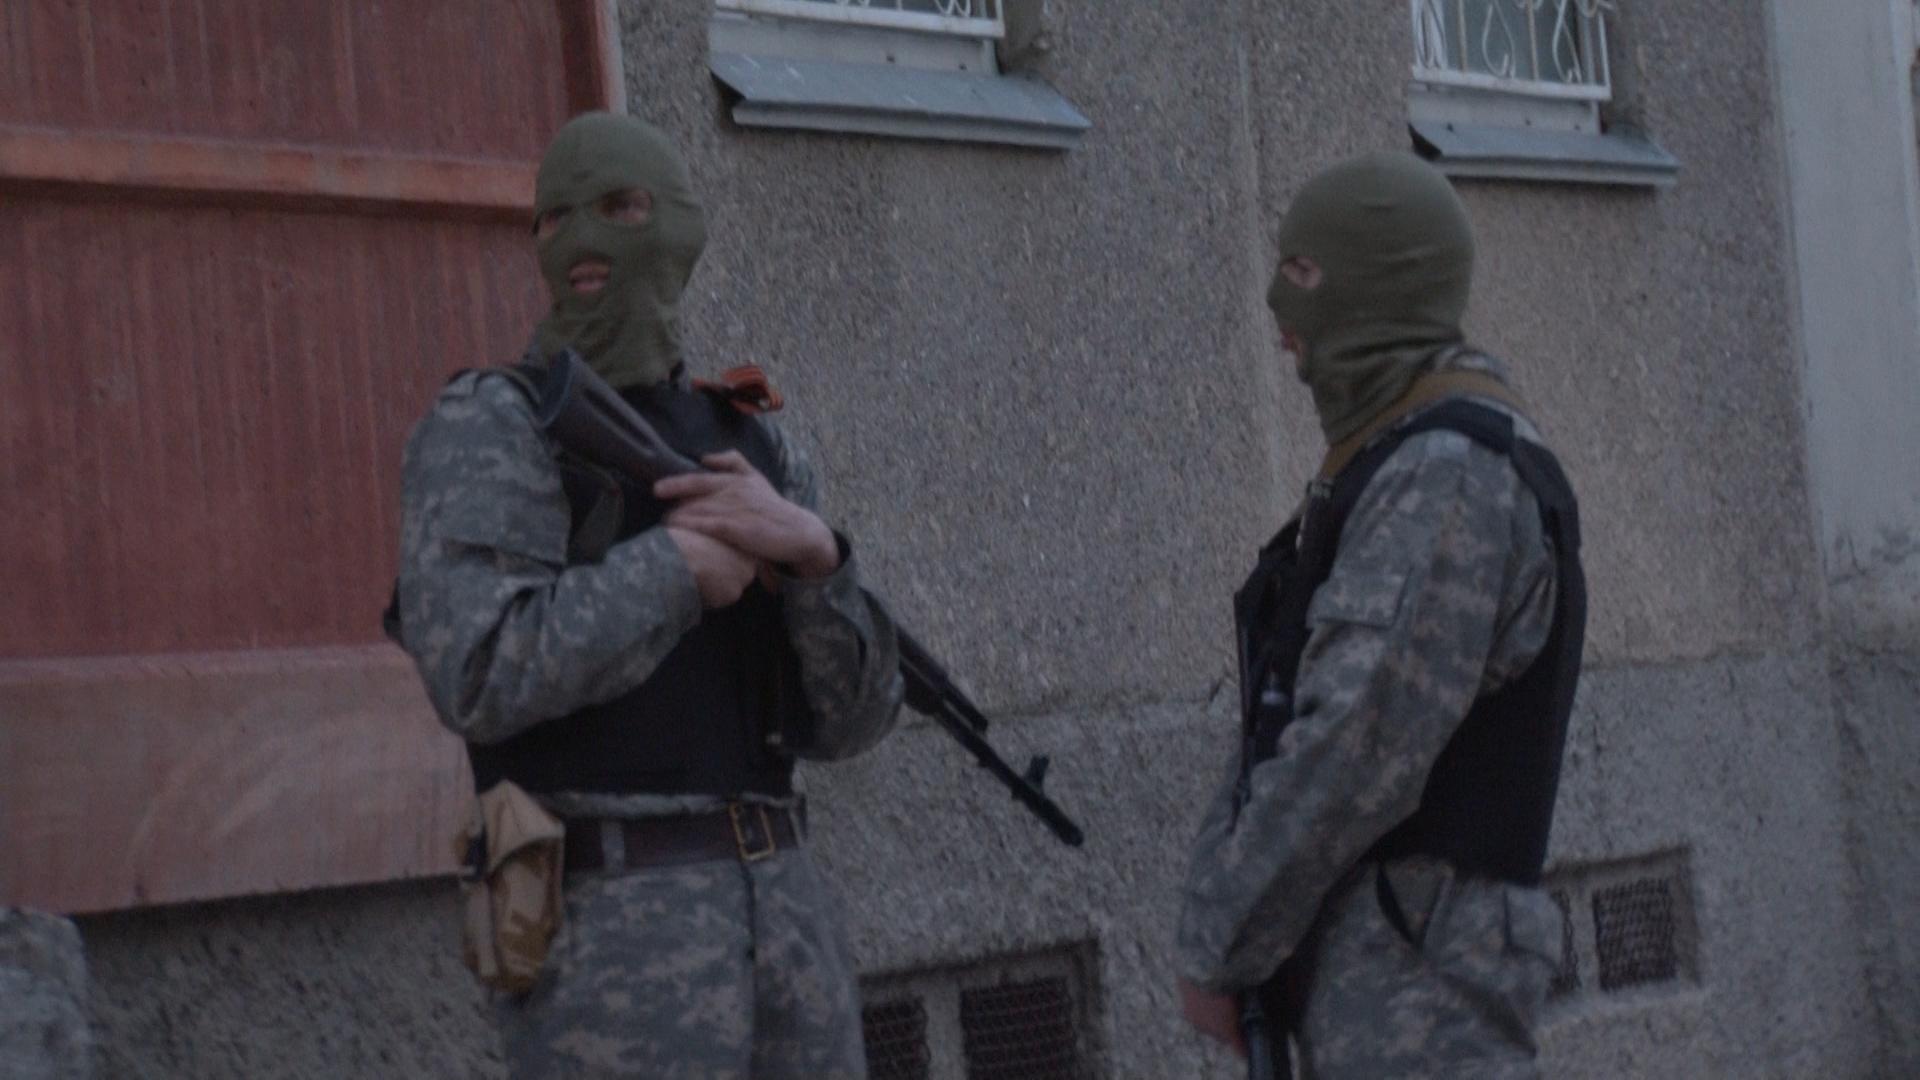 Крым: жильцы дома в Симферополе в онлайне обсуждают операцию сил национальной самообороны